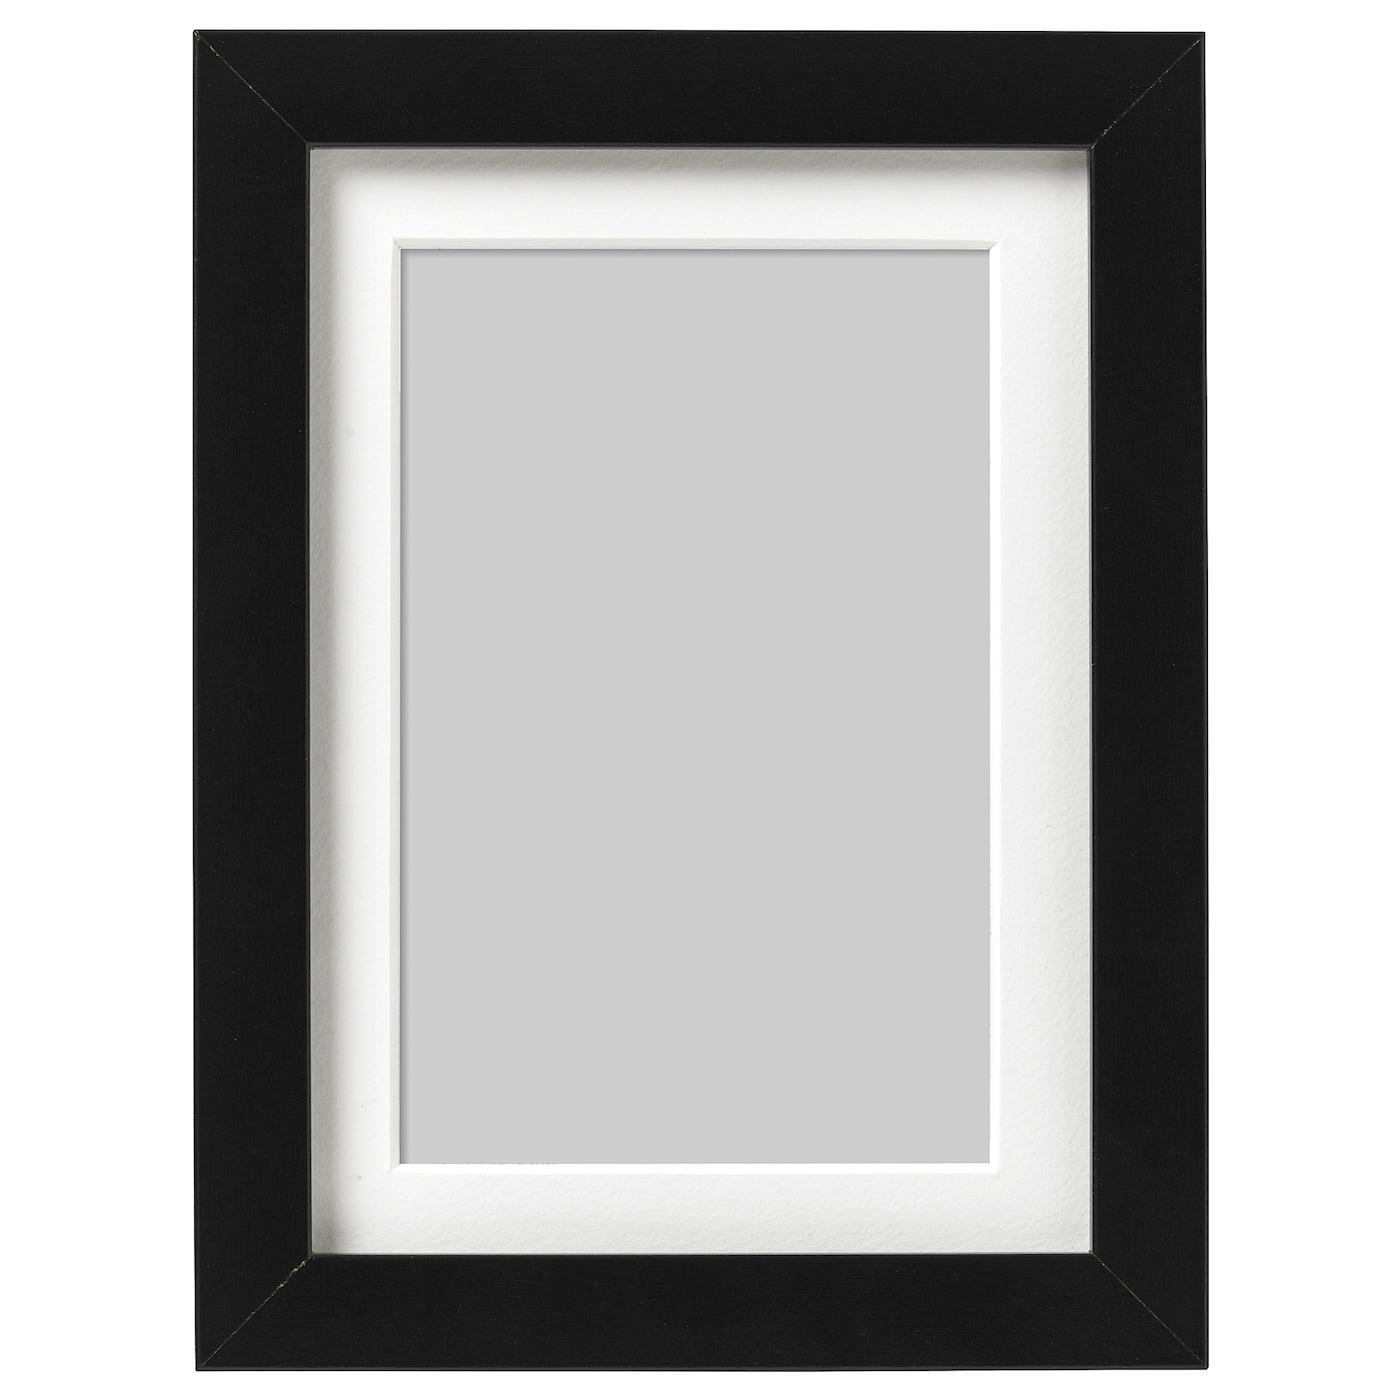 Cadre sans BILDHALTER Celina 70 x 100 cm avec le verre acrylique 100x70cm quantités de remise